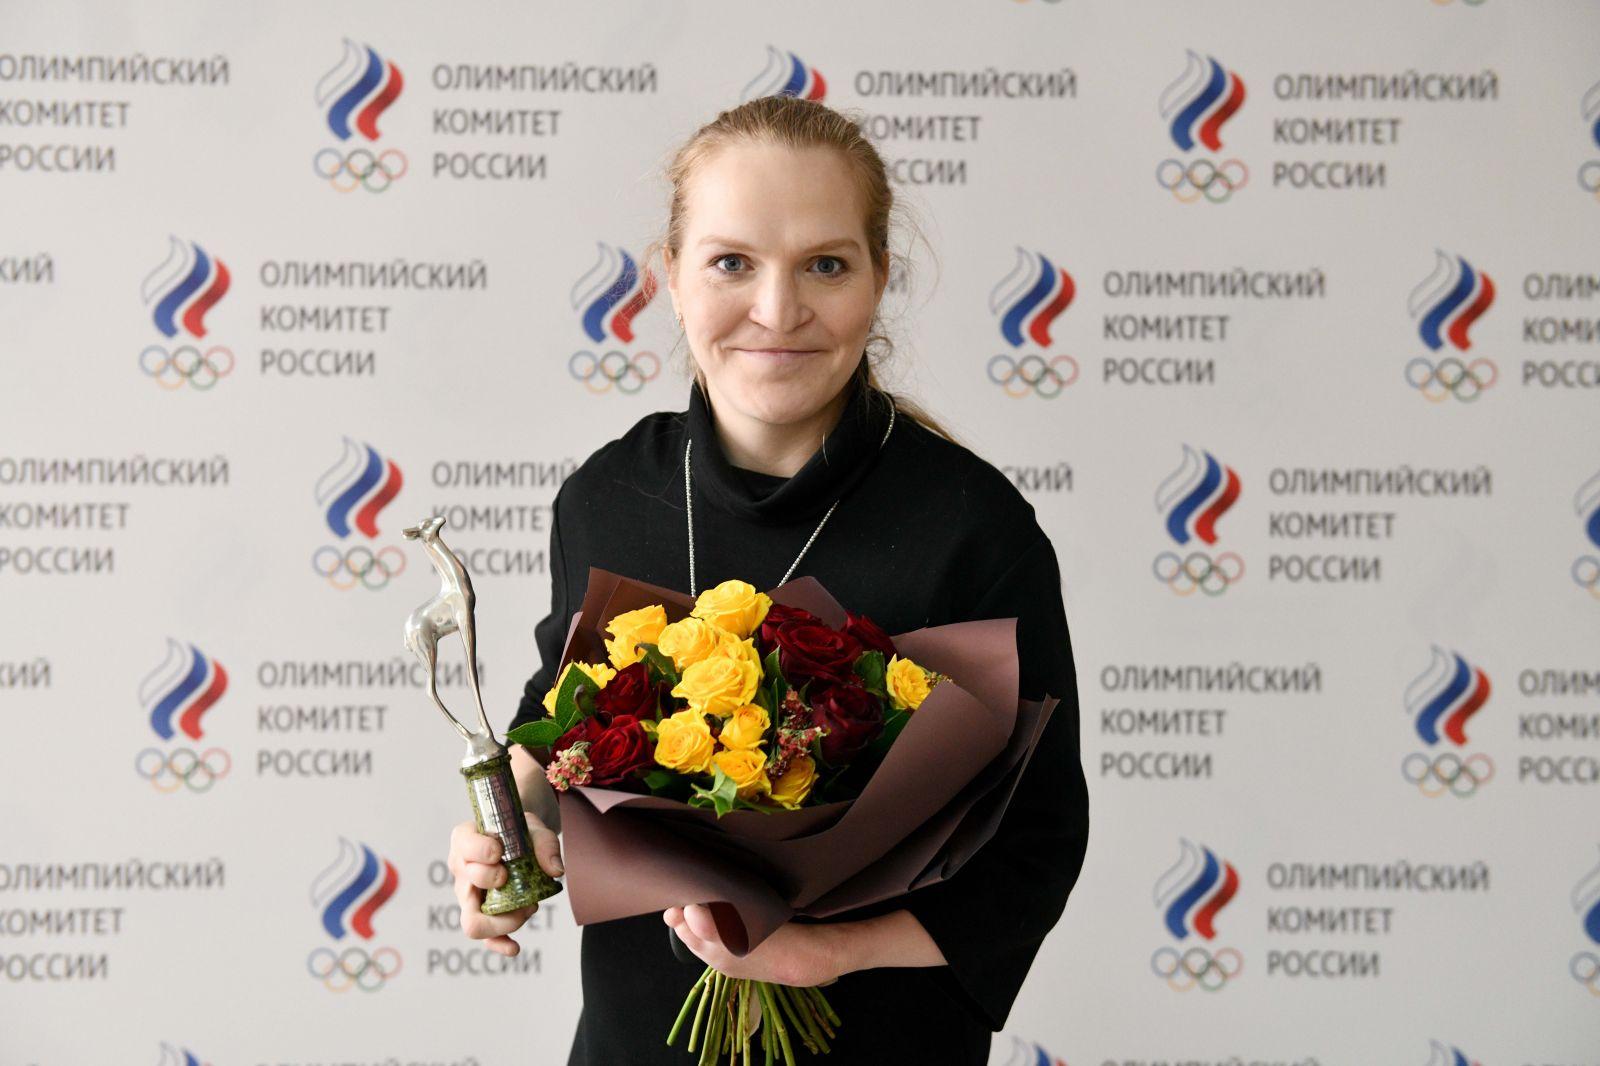 Екатерина Румянцева получила премию Федерации спортивных журналистов России «Серебряная лань»